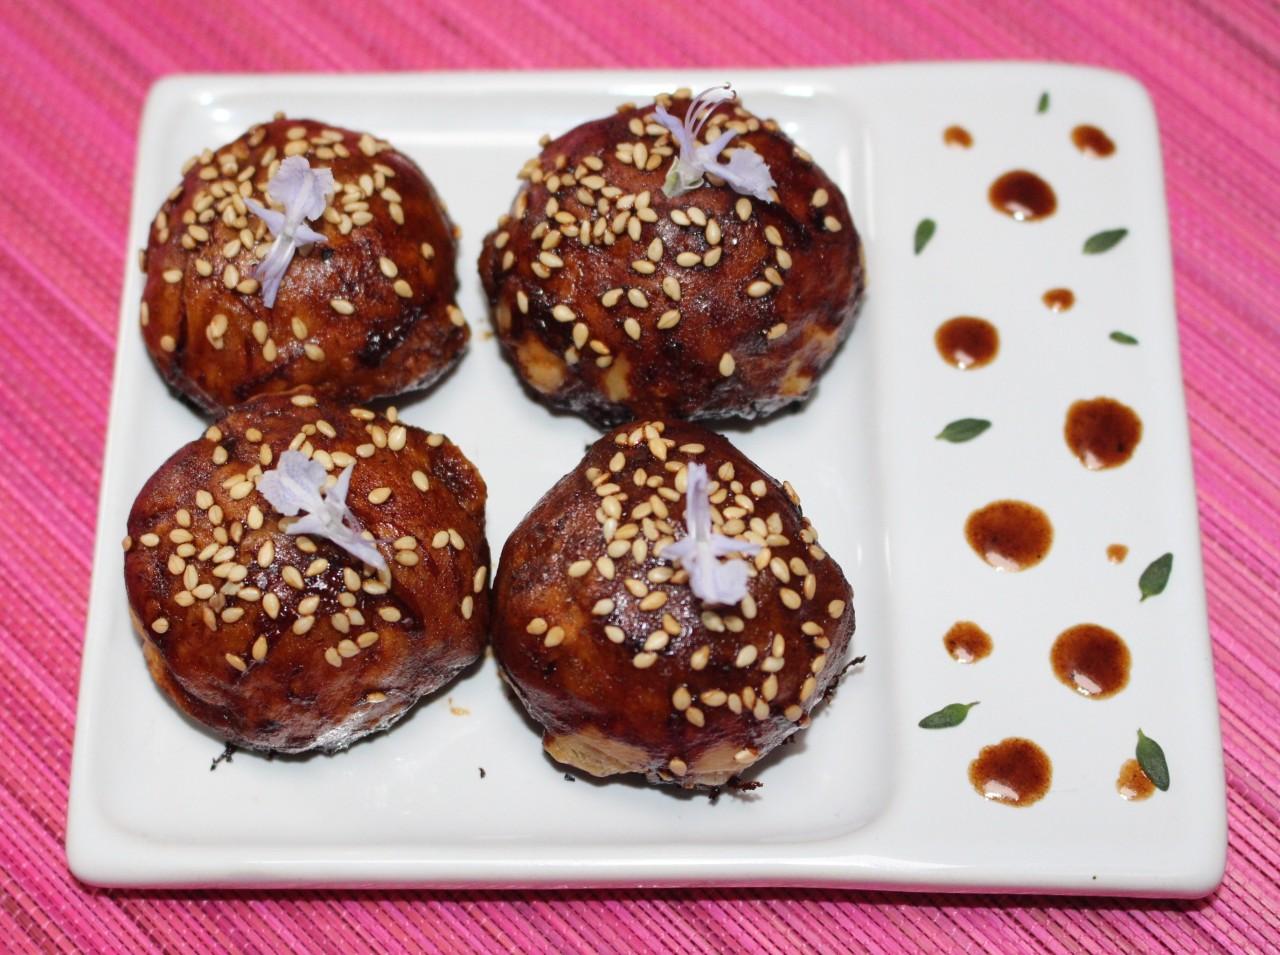 Bocados de Cebolla – French OnionBites